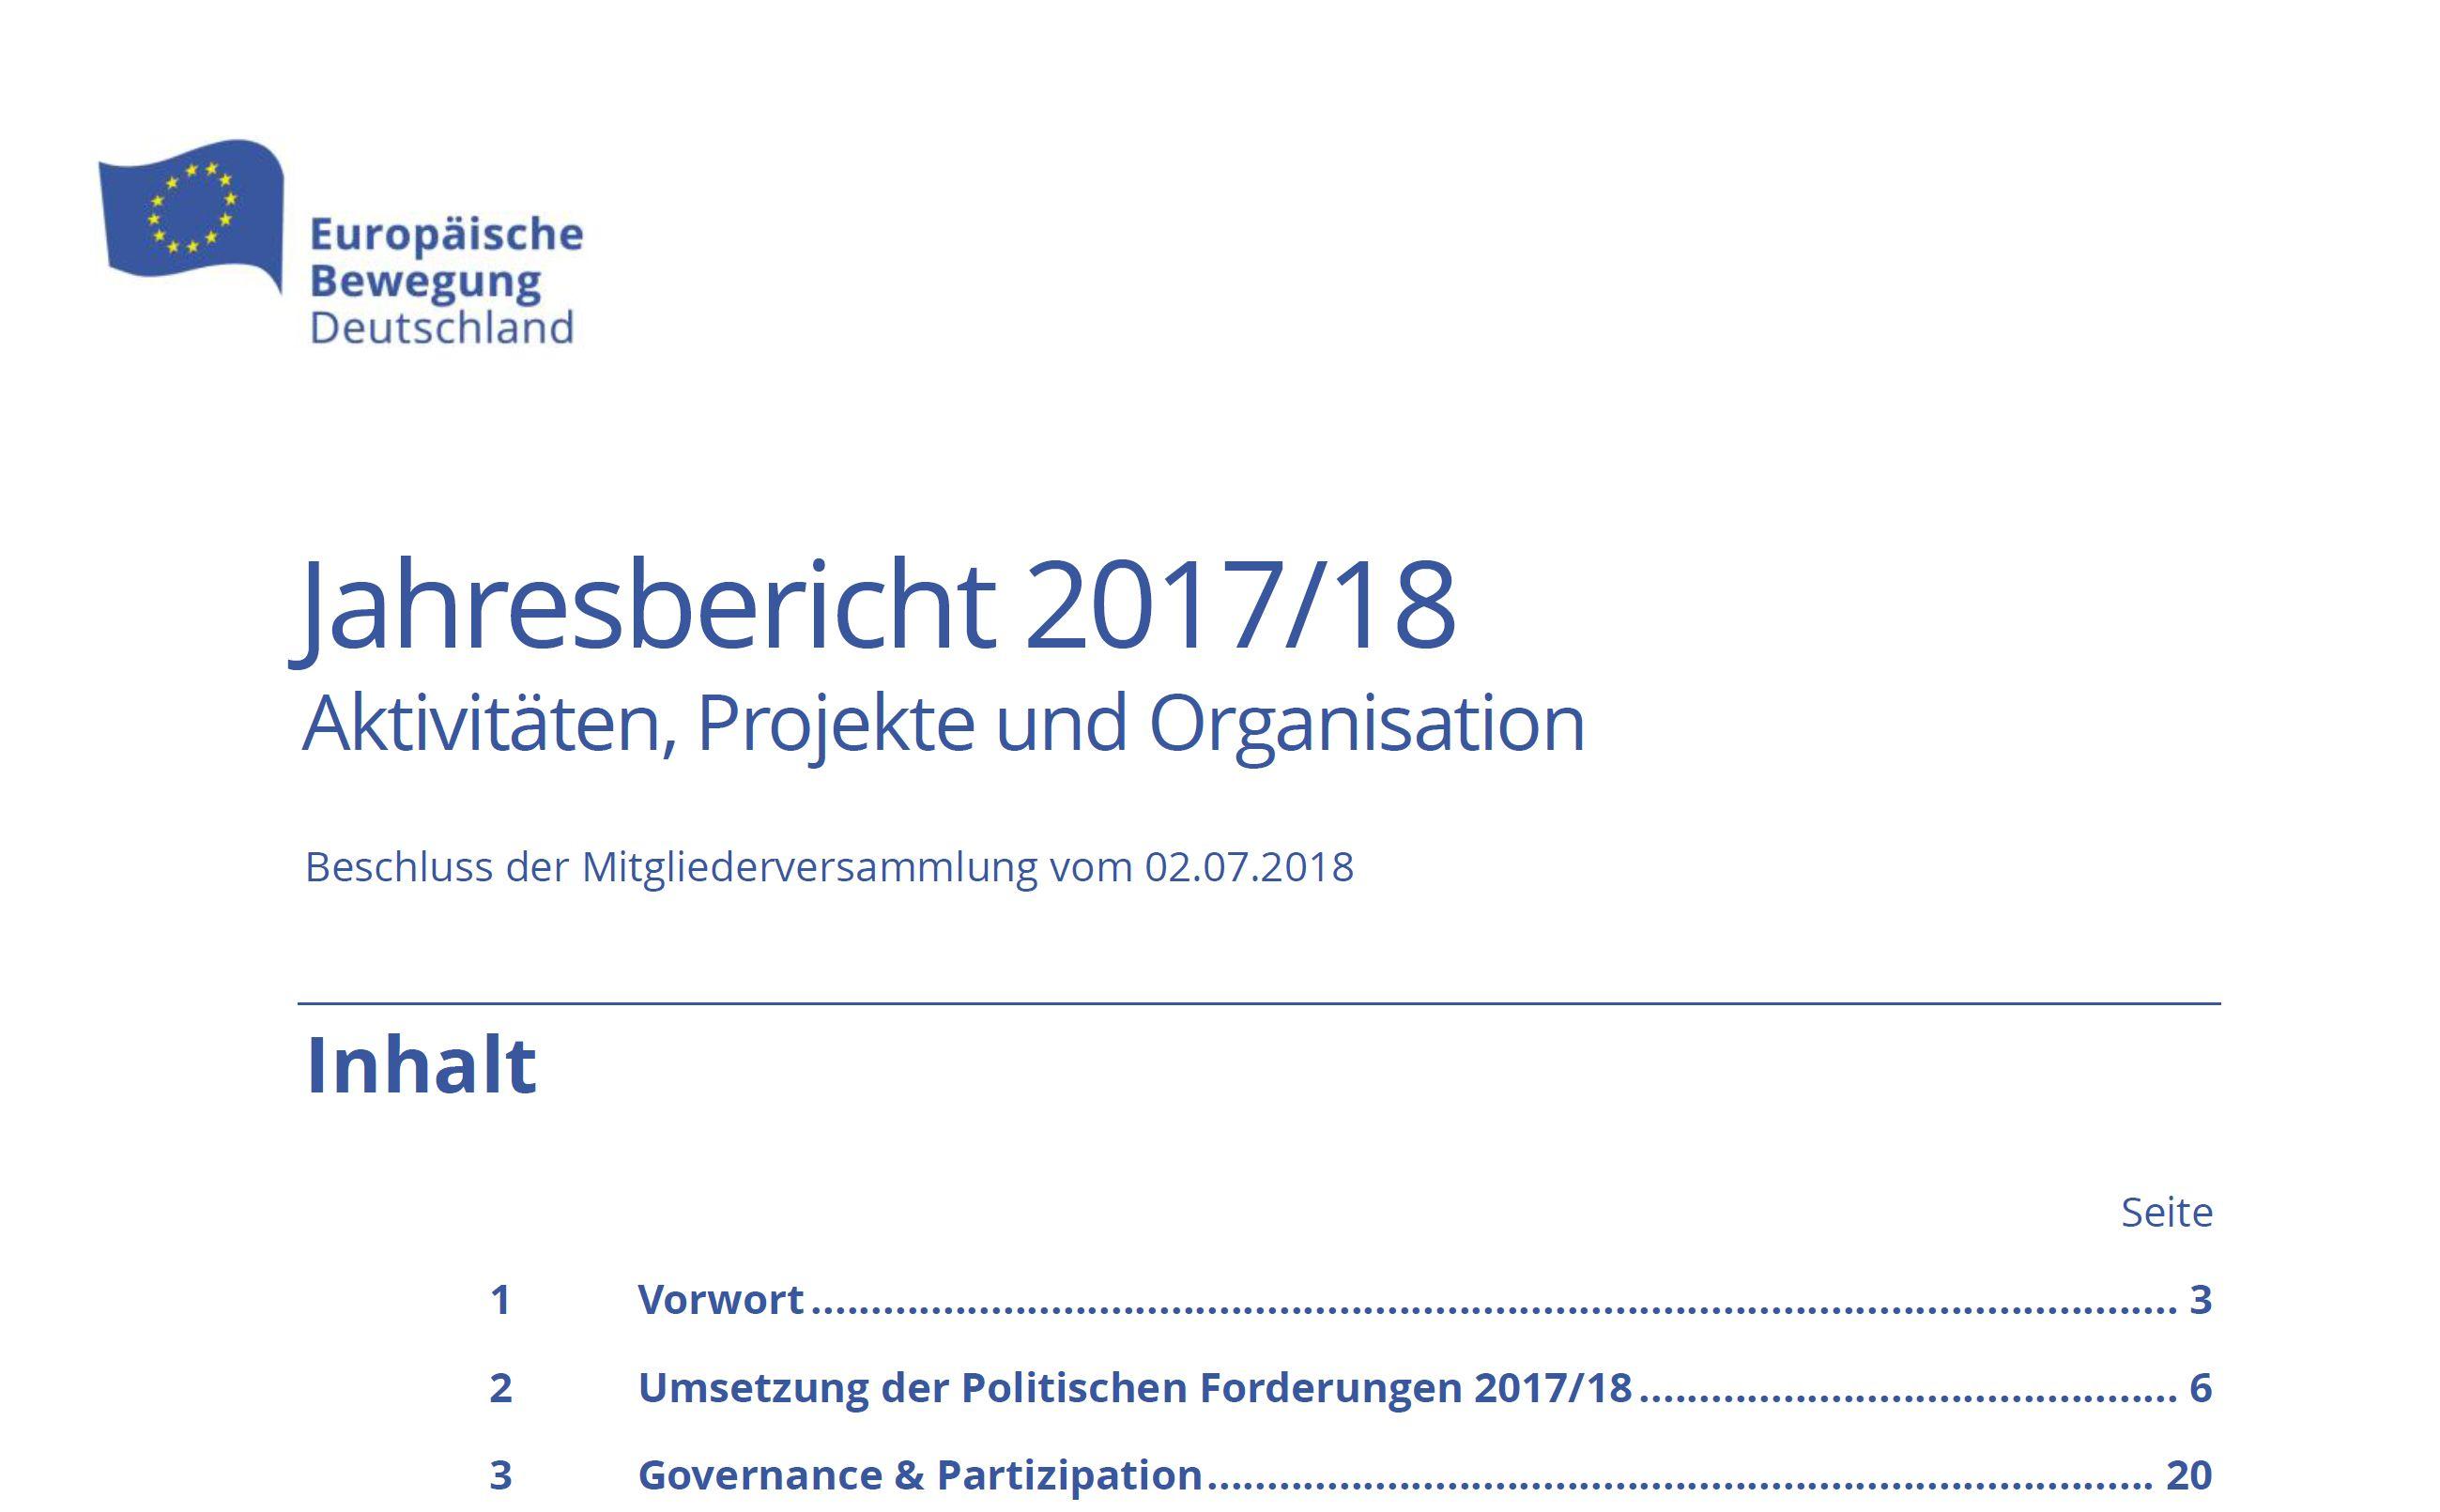 Neueste Professionelle Bewerbung Schreiben Lassen Nuernberg Wiring